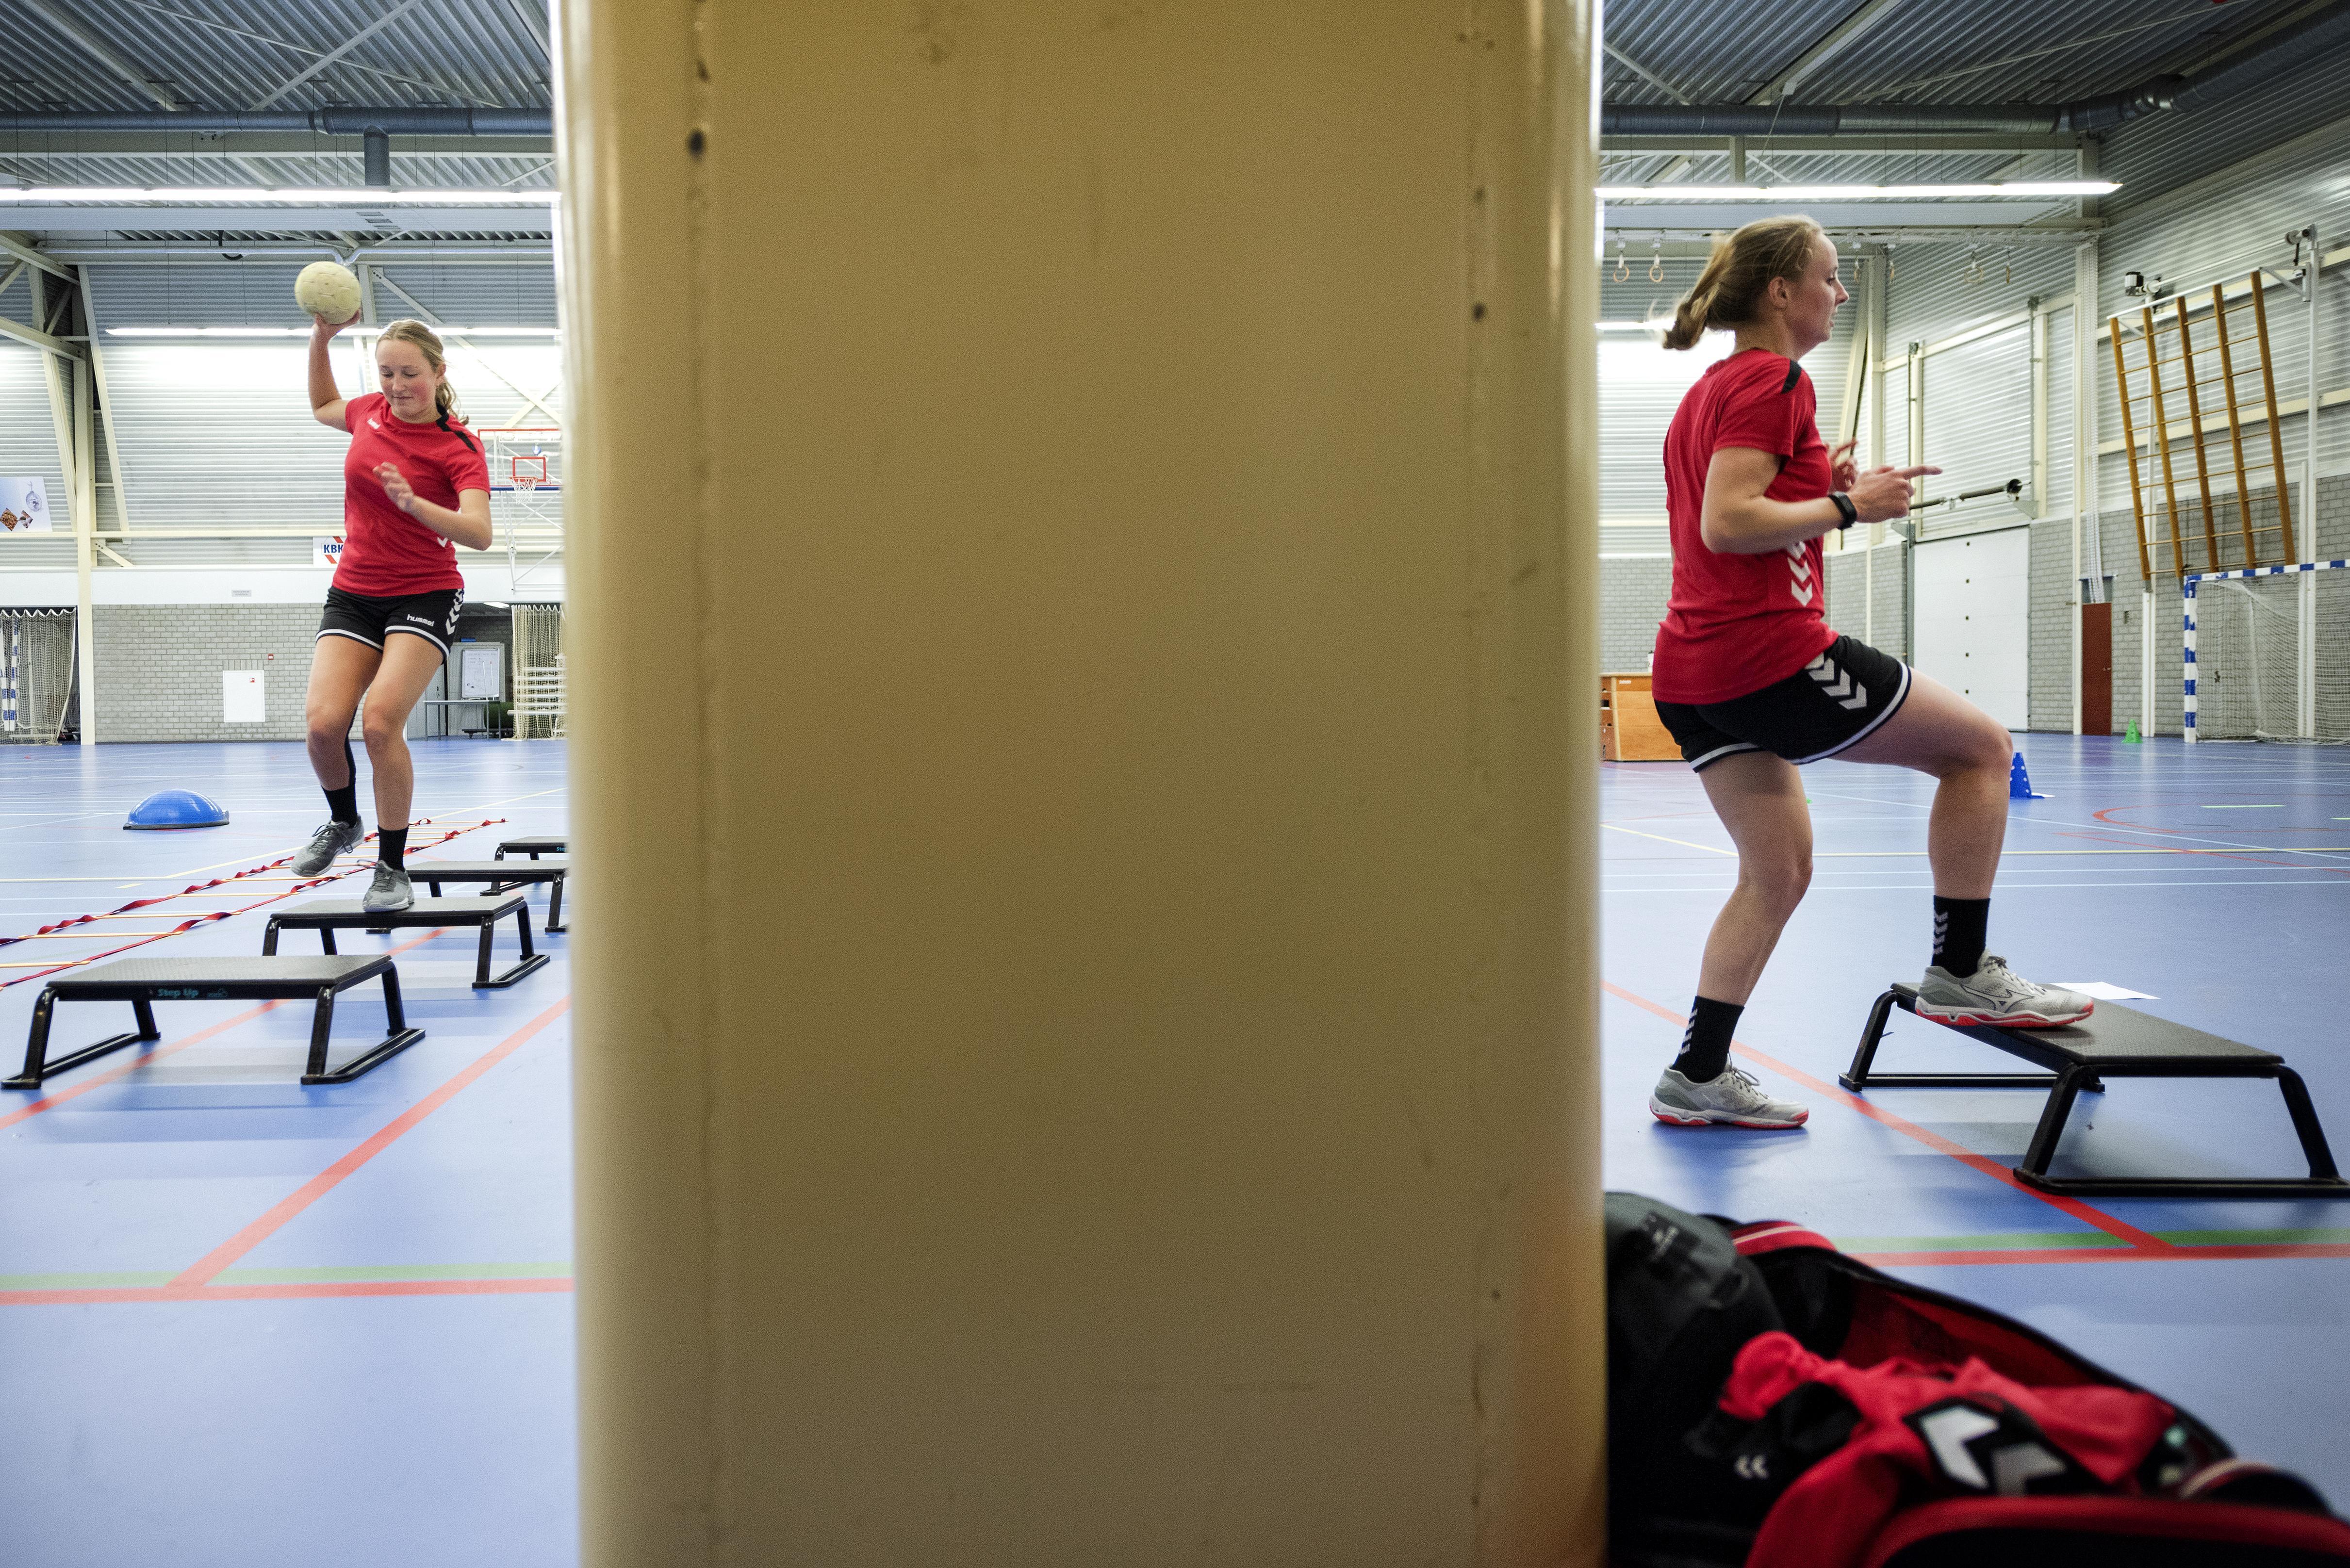 Sporten in tijden van corona: volwassen handbalsters van selectie DSS gescheiden van jongeren door 'ijzeren gordijn'